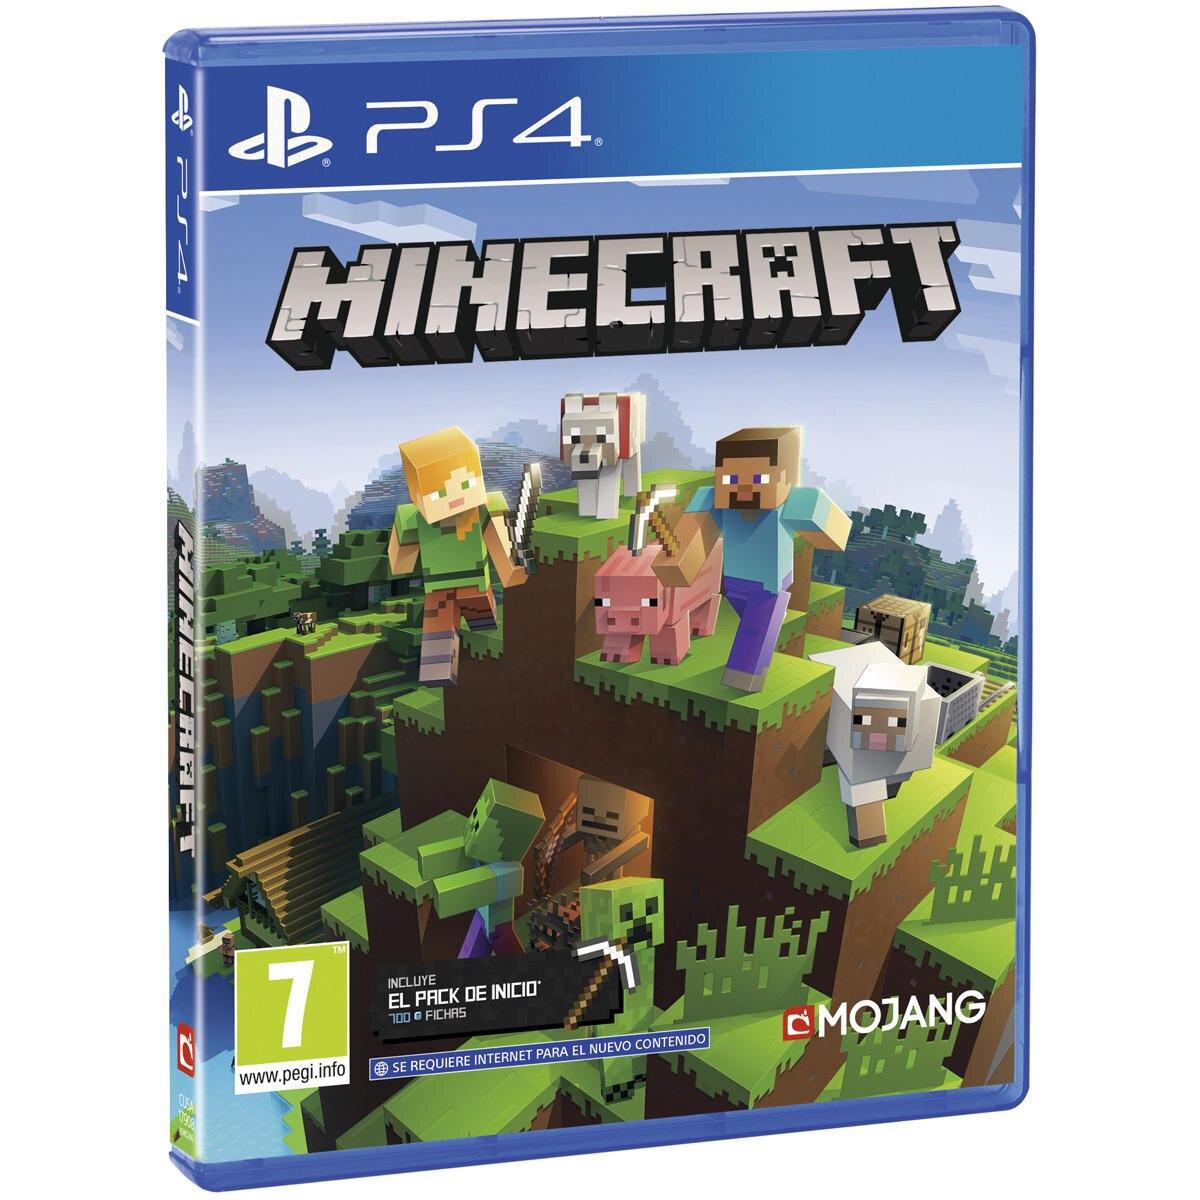 Minecraft Bedrock Ps4 Videojuegos Juegos Sony Aventuras Y Plataformas Edad 7+